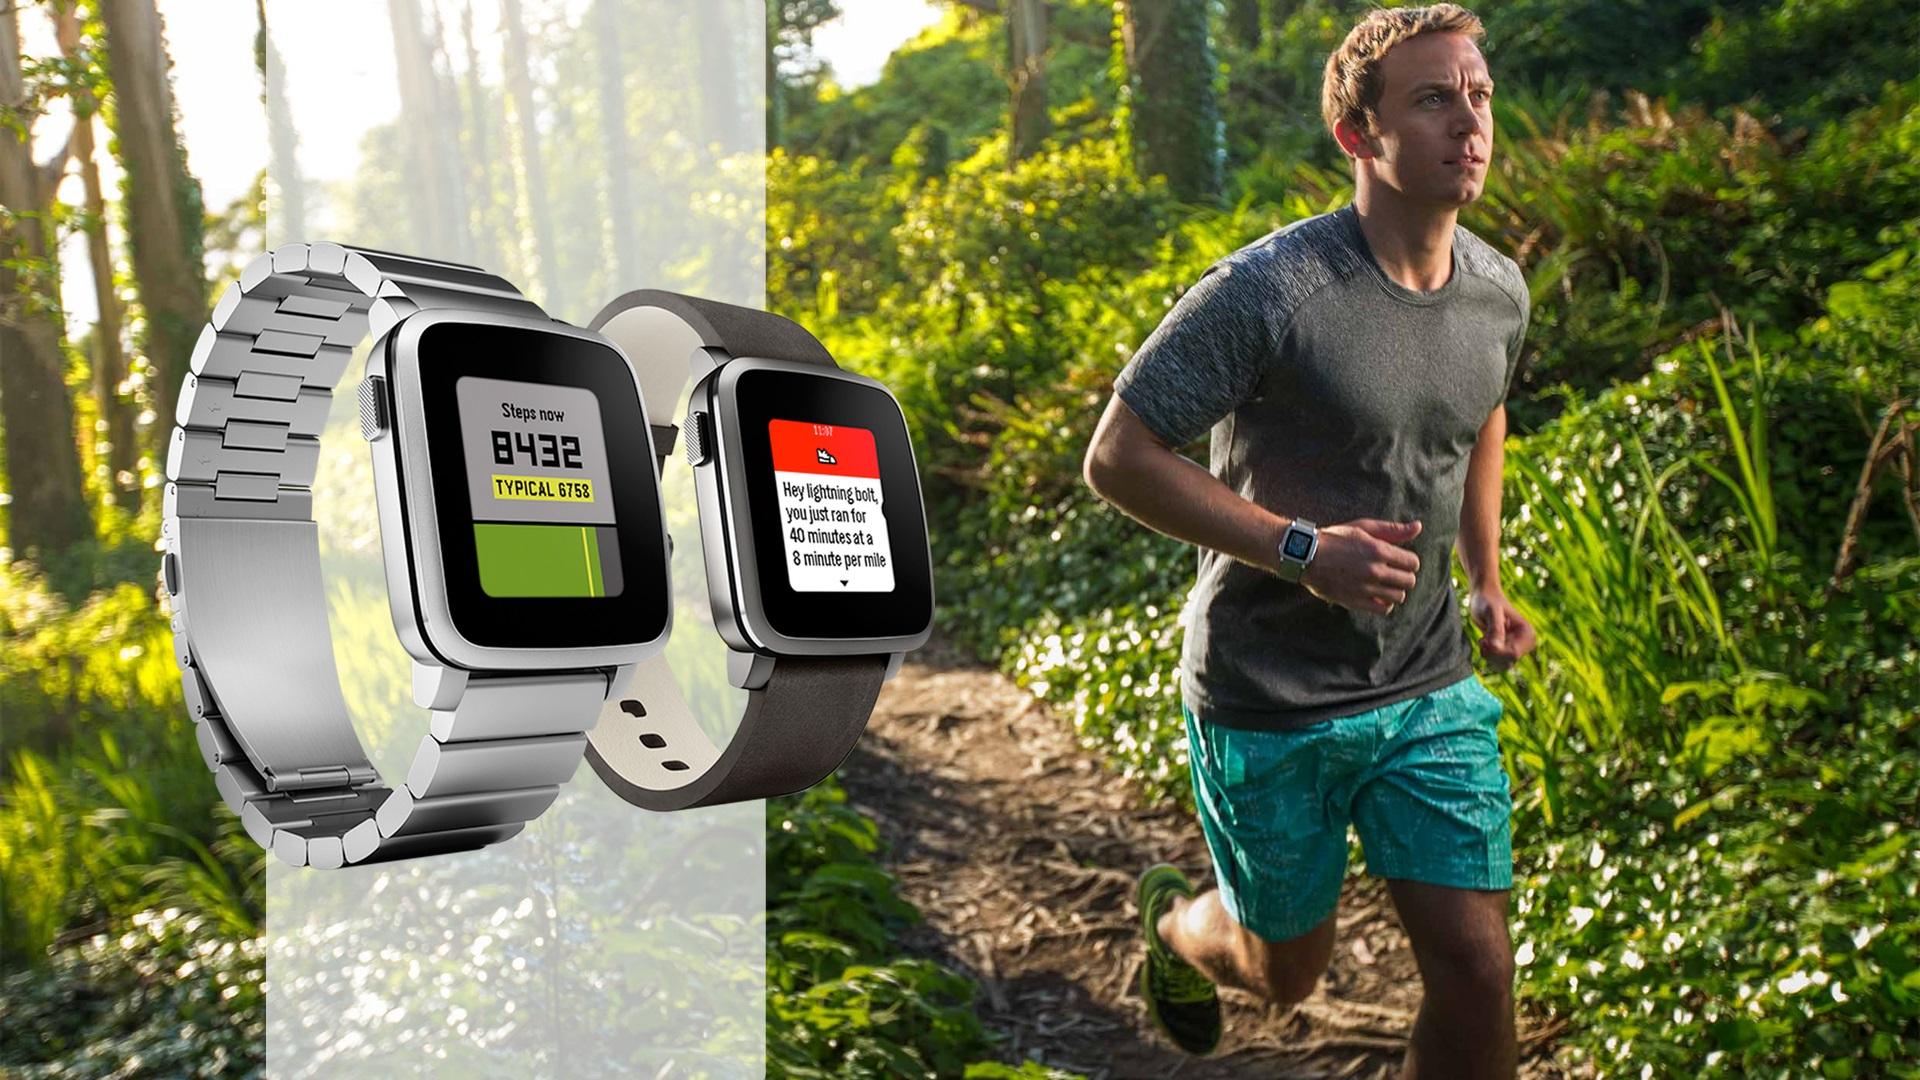 Pebble Health run